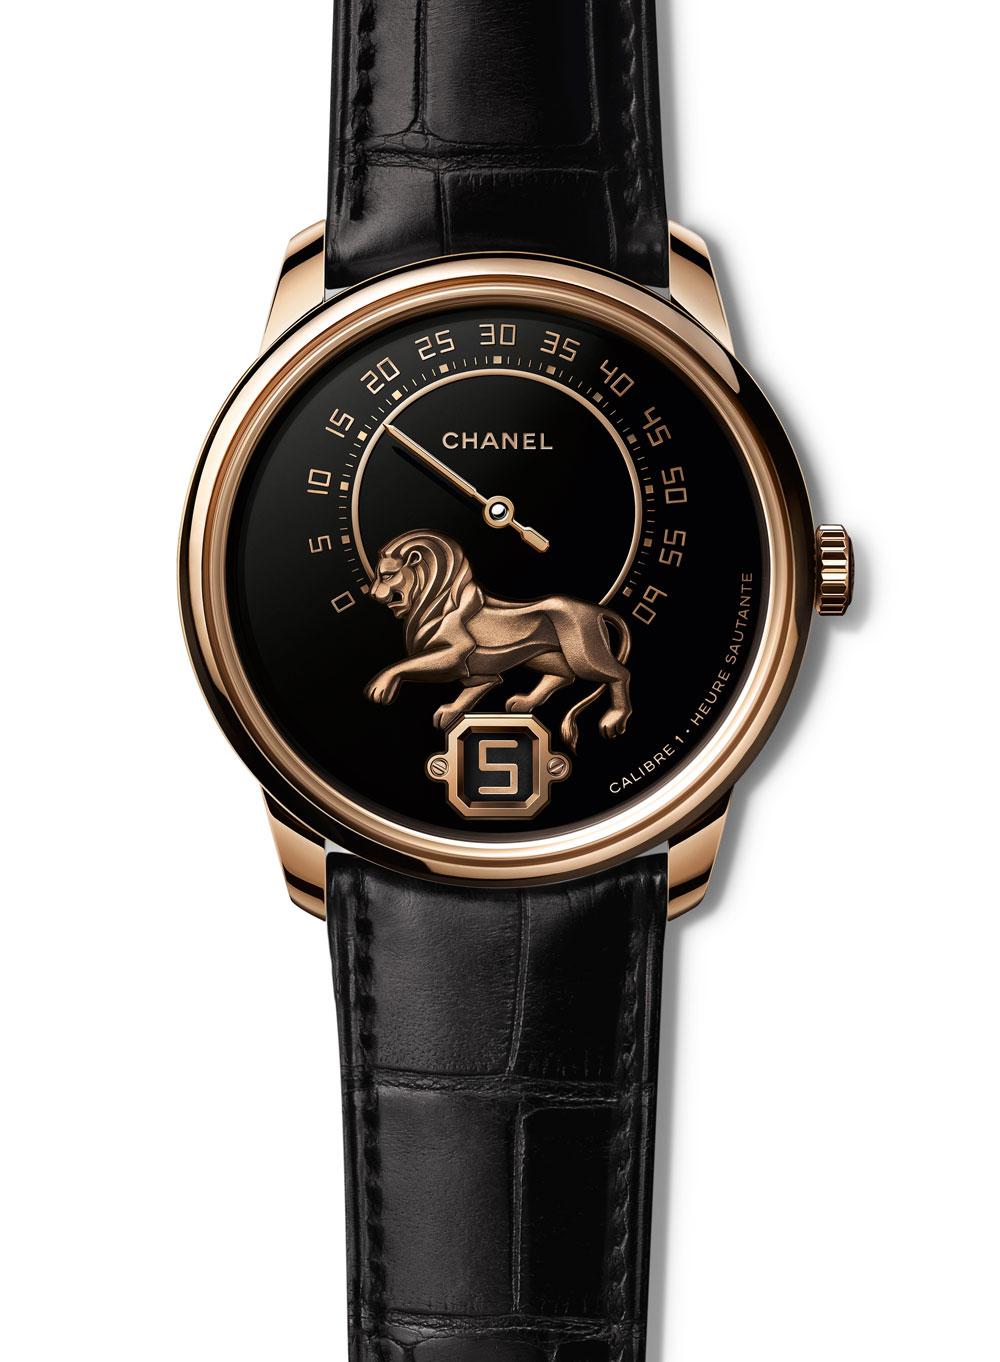 Reloj masculino Chanel Monsieur de Chanel con caja de oro beige y escultra del león en la esfera